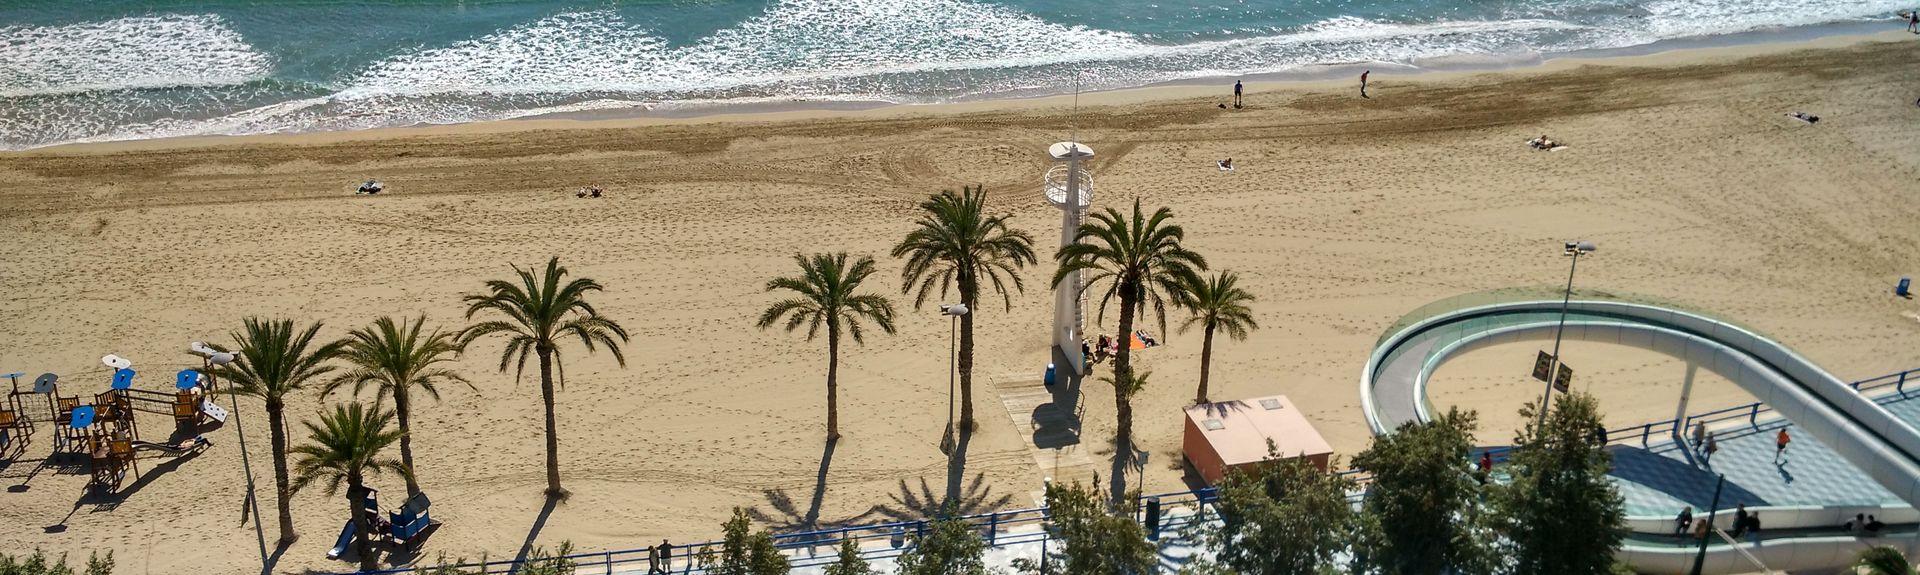 Pla del Bon Repòs, Alicante, Valencia, Spanje